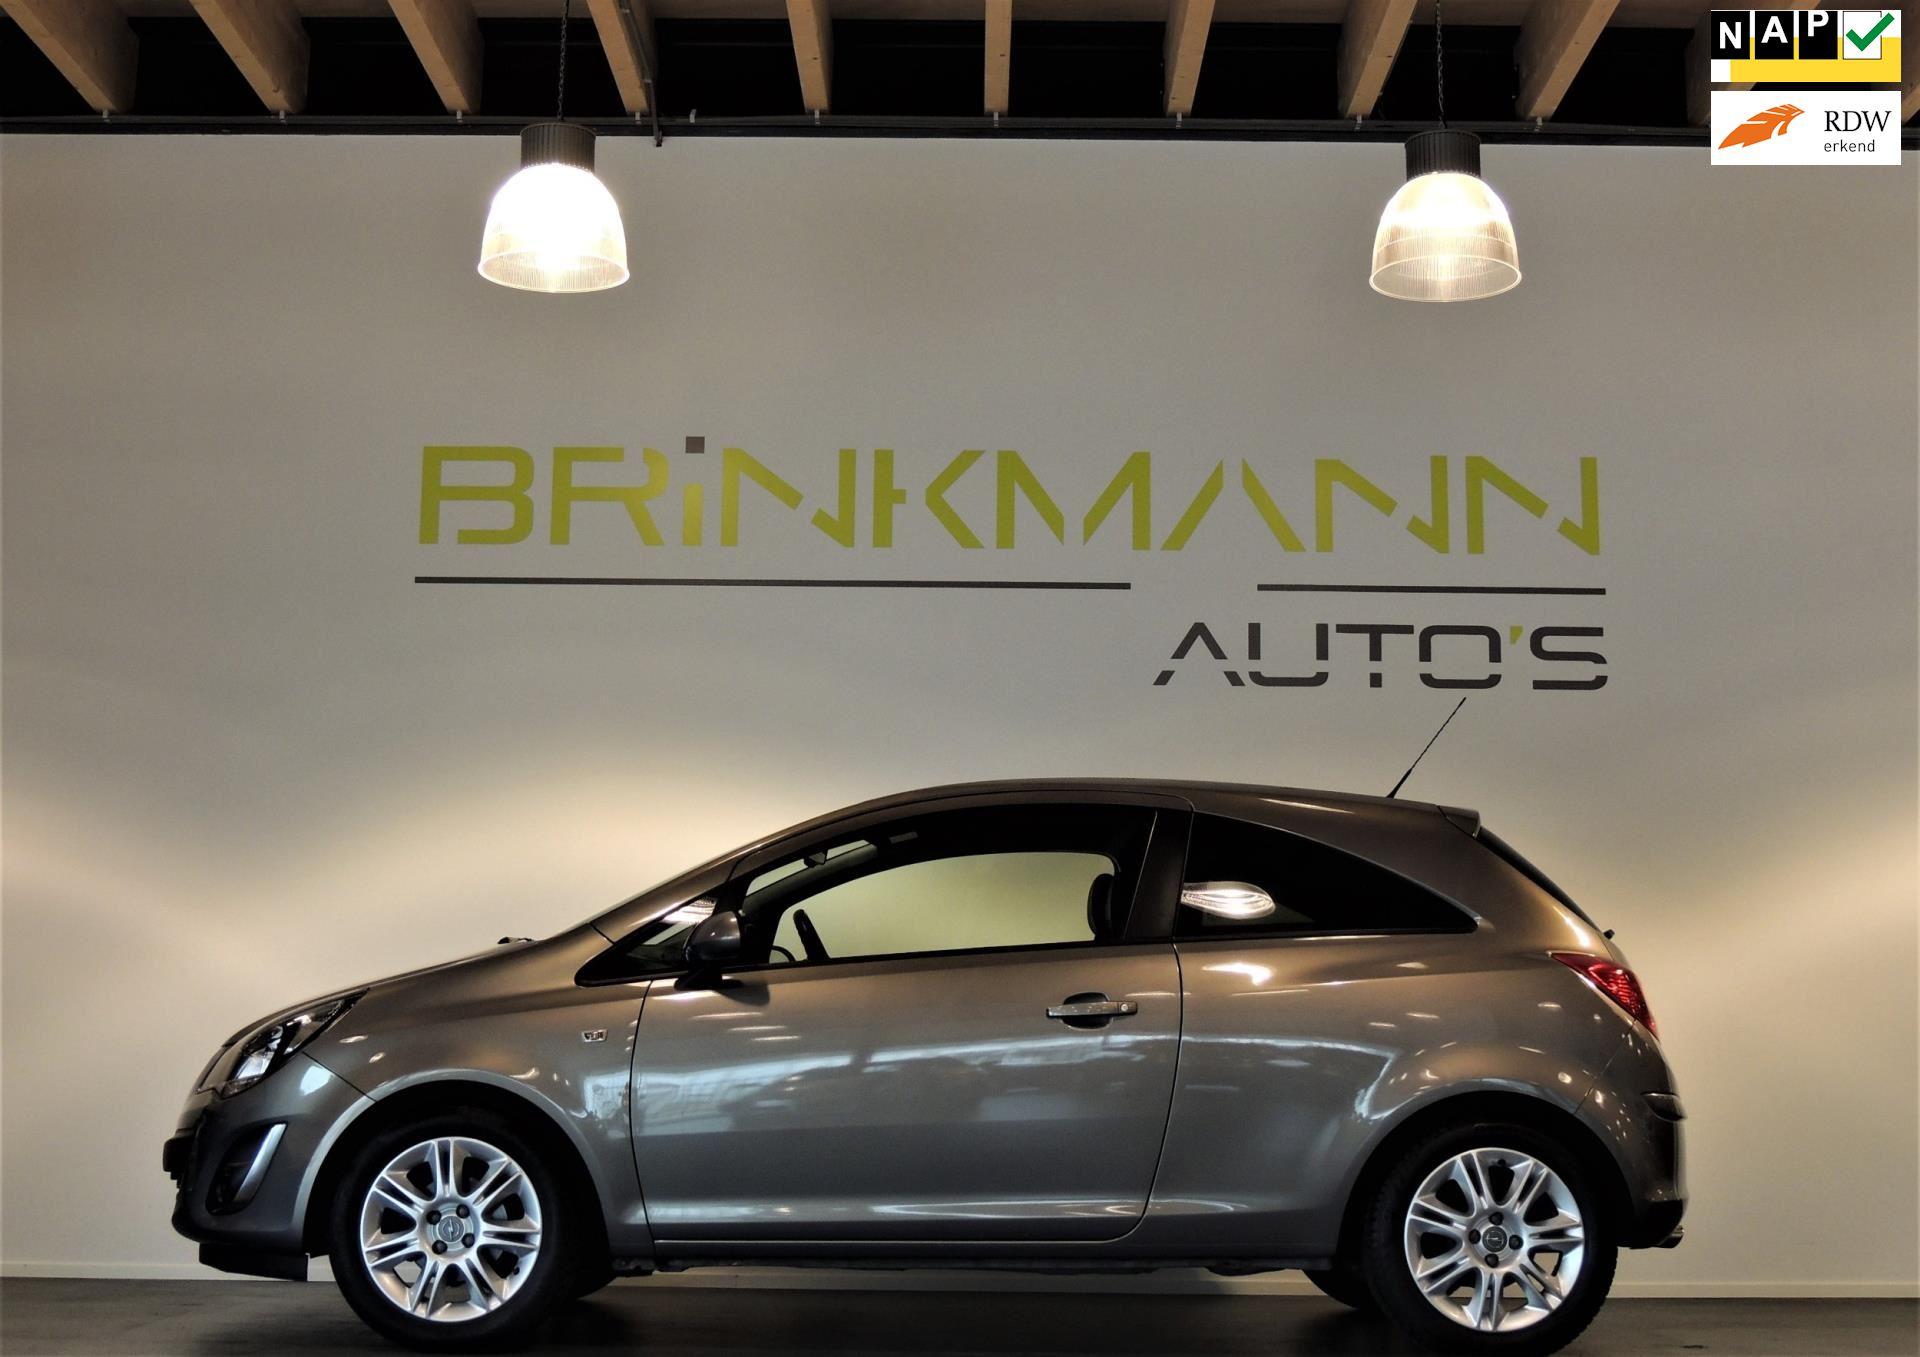 Opel Corsa occasion - Brinkmann Auto's